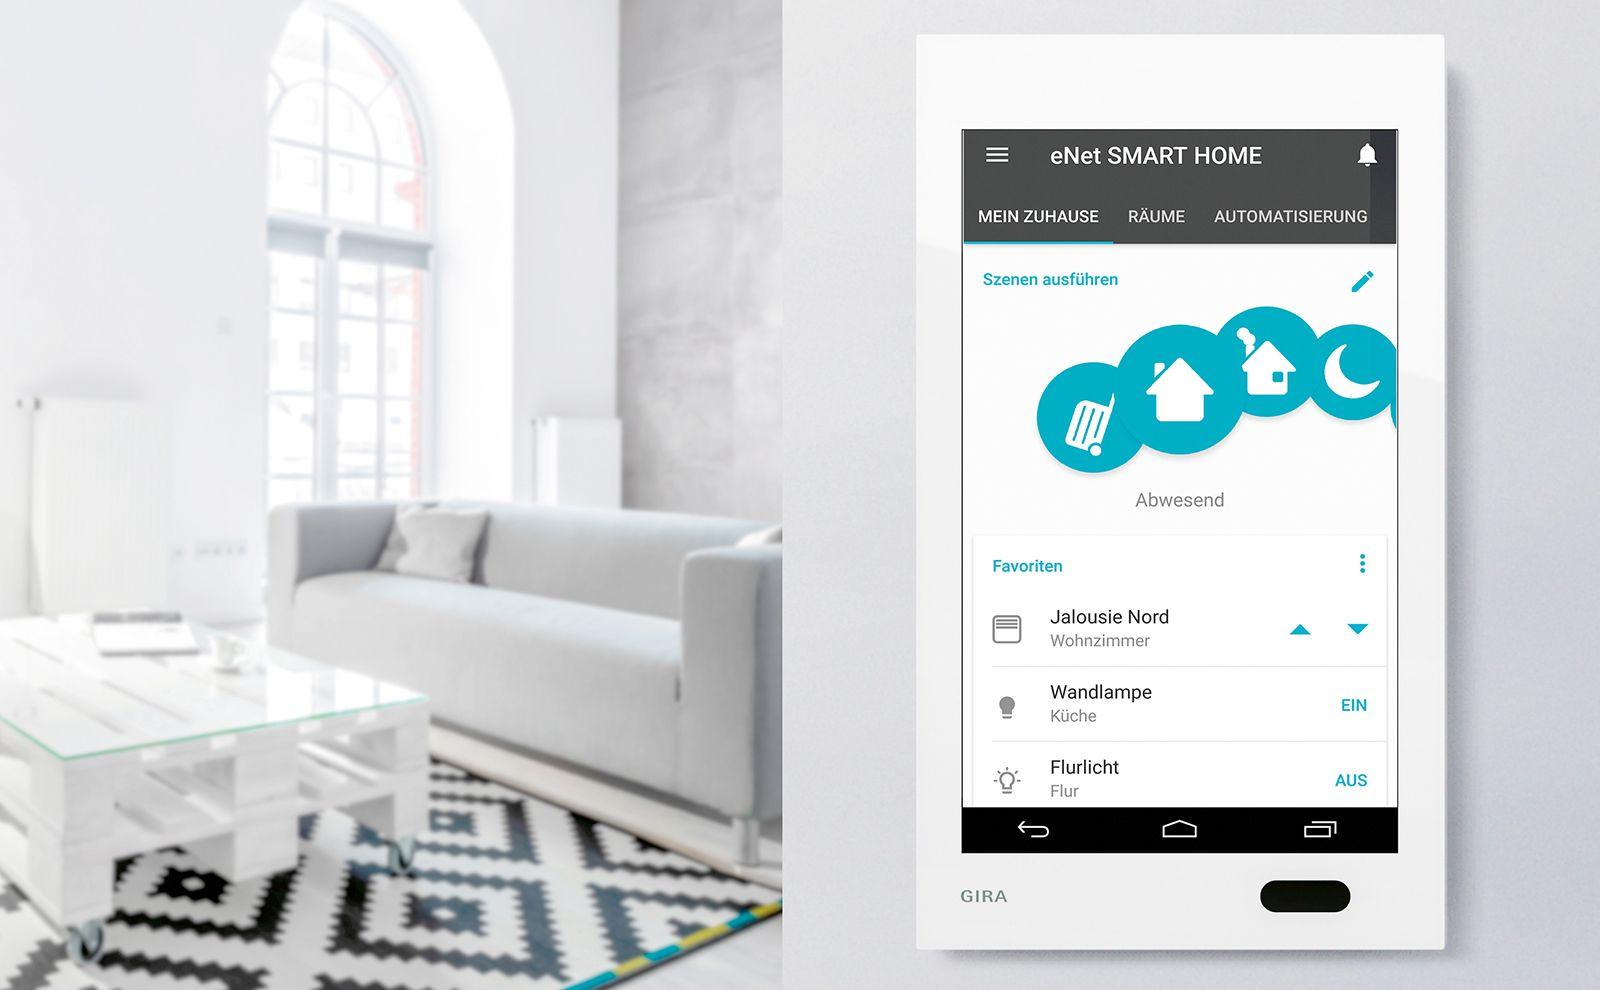 Gira G1 mit eNet Interface im Wohnzimmer